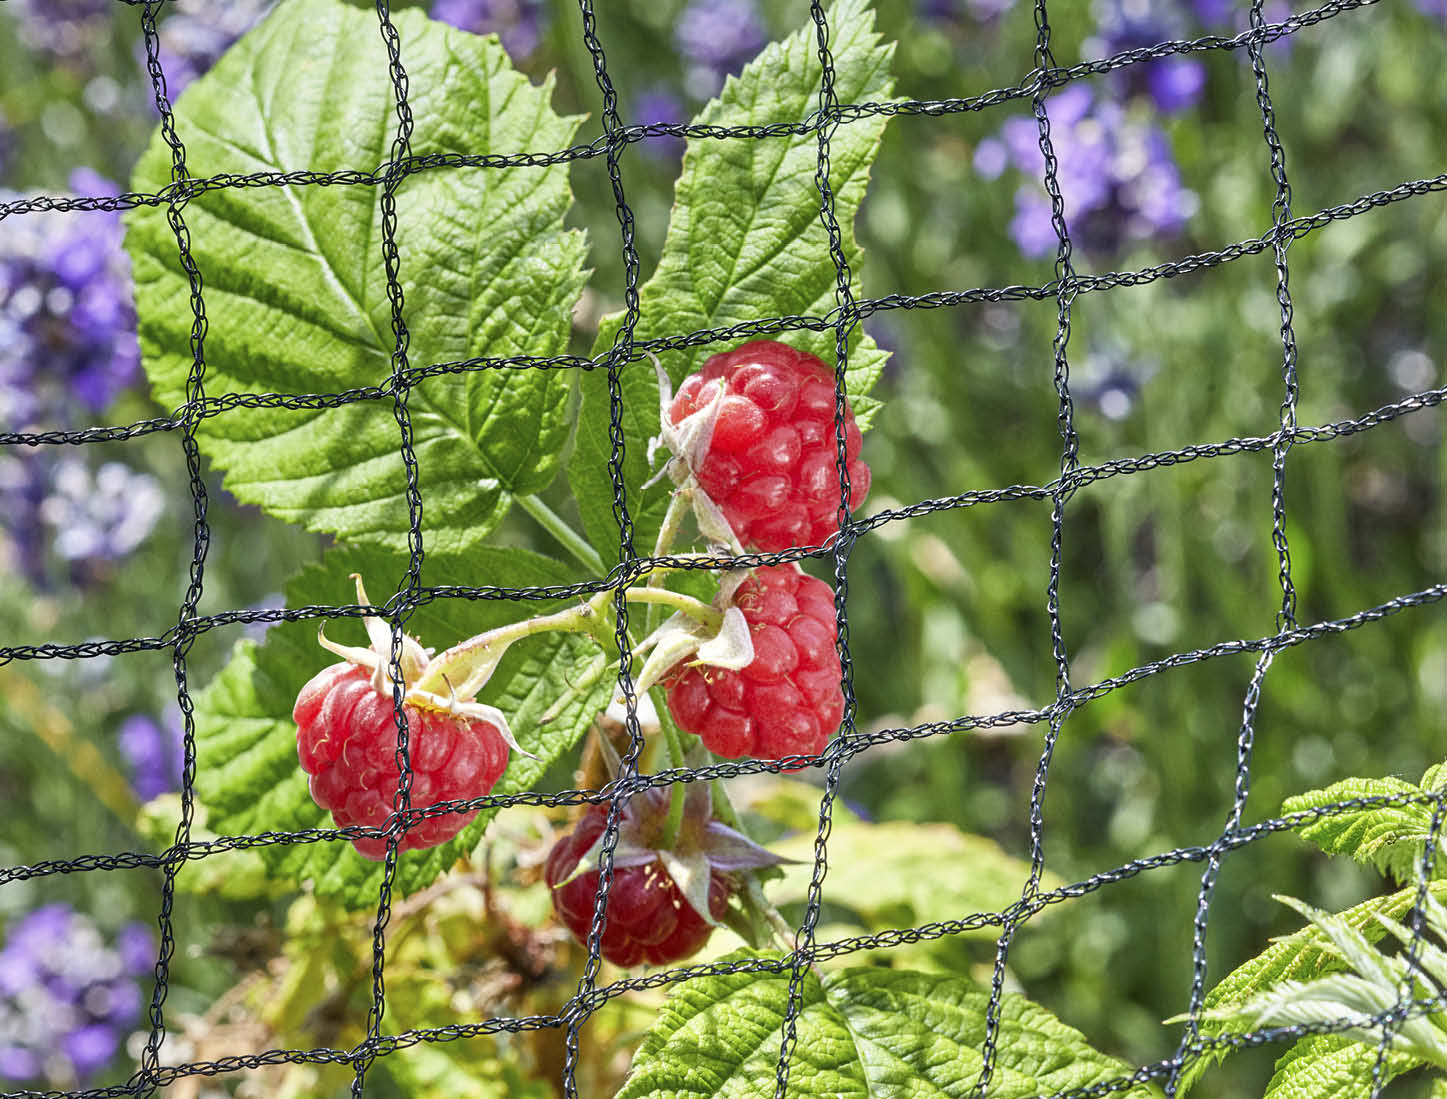 raspberry netting